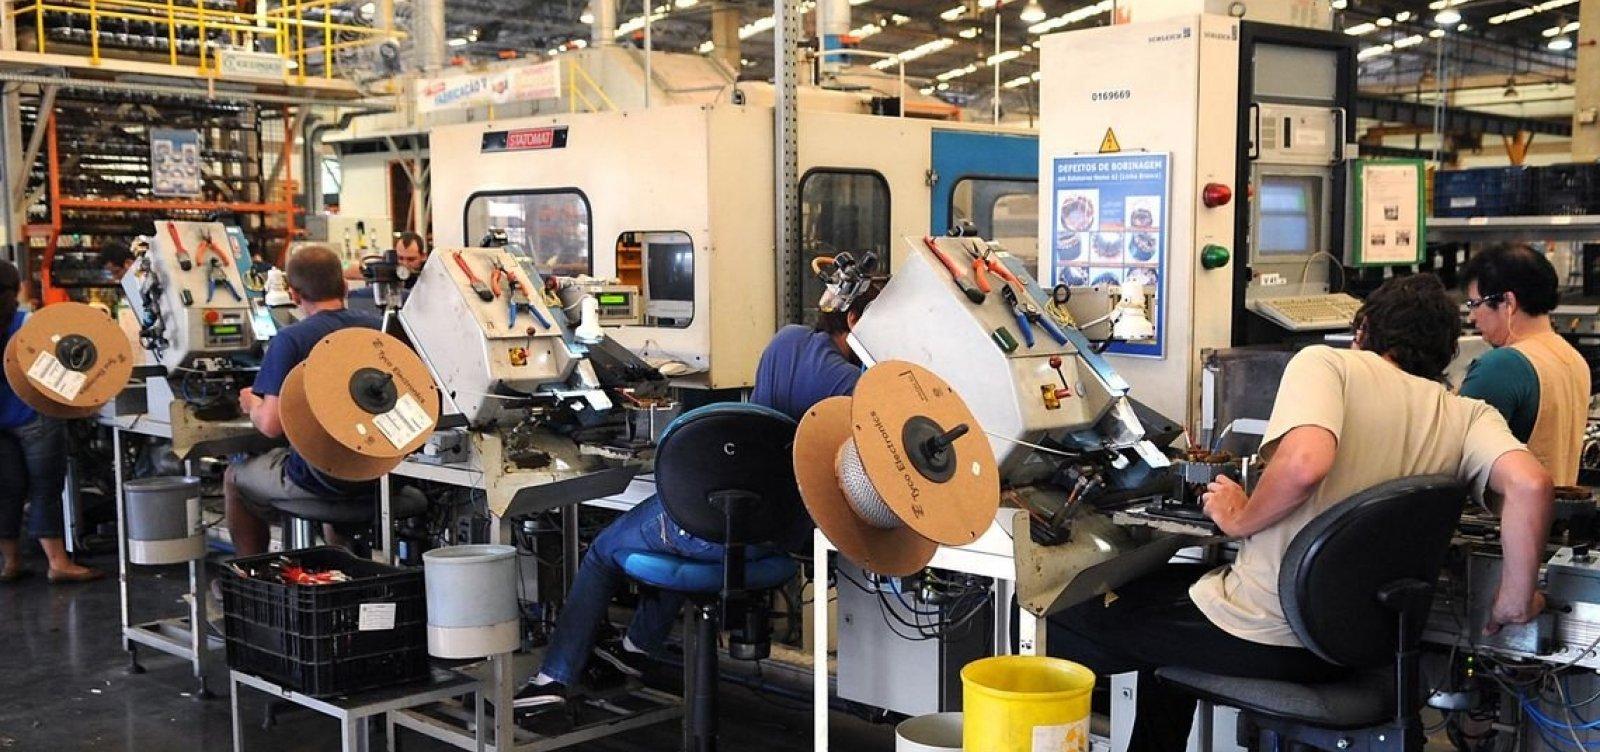 [Produção industrial cresce 0,3% em abril, mas acumula queda de 2,7% no ano]